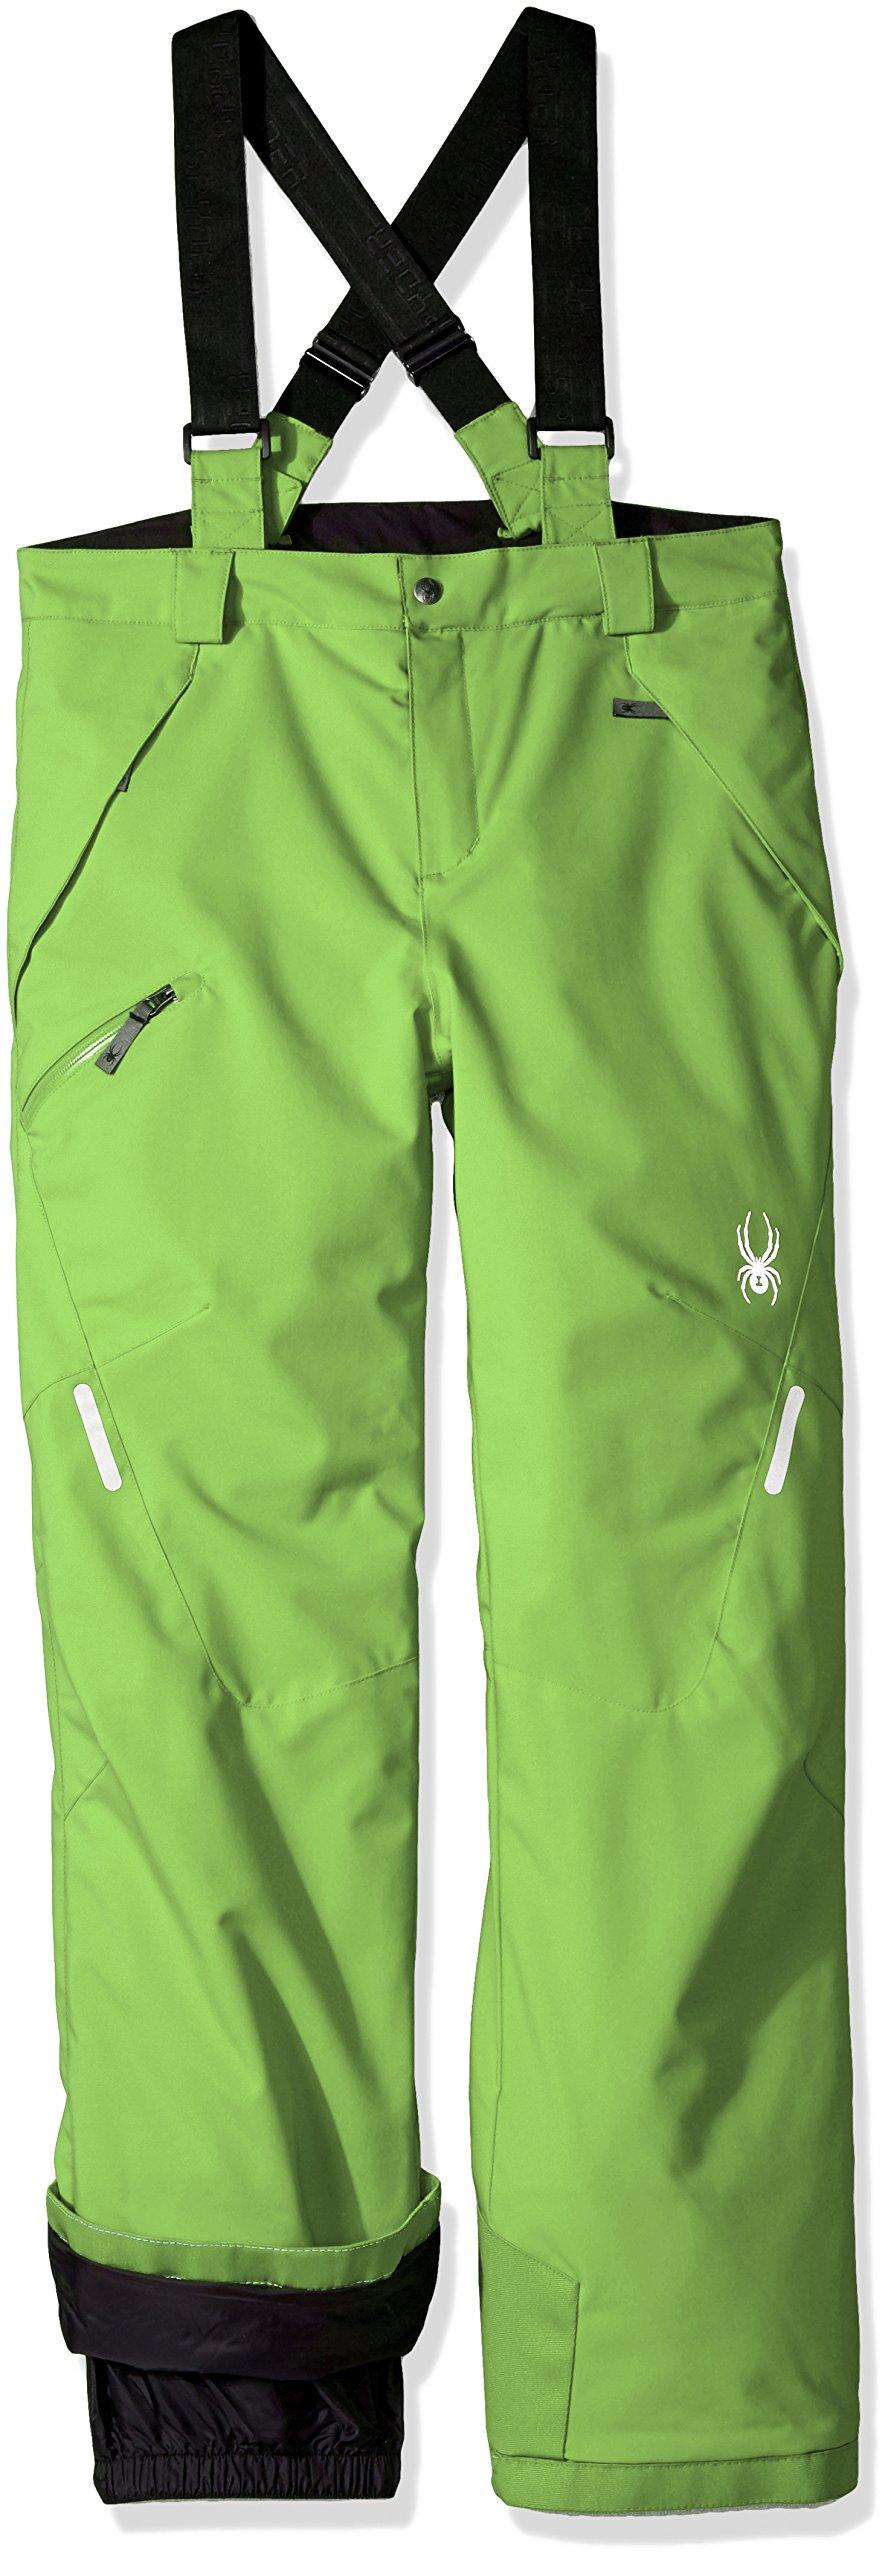 Spyder Boy's Propulsion Ski Pant, Fresh, Size 18 by Spyder (Image #1)